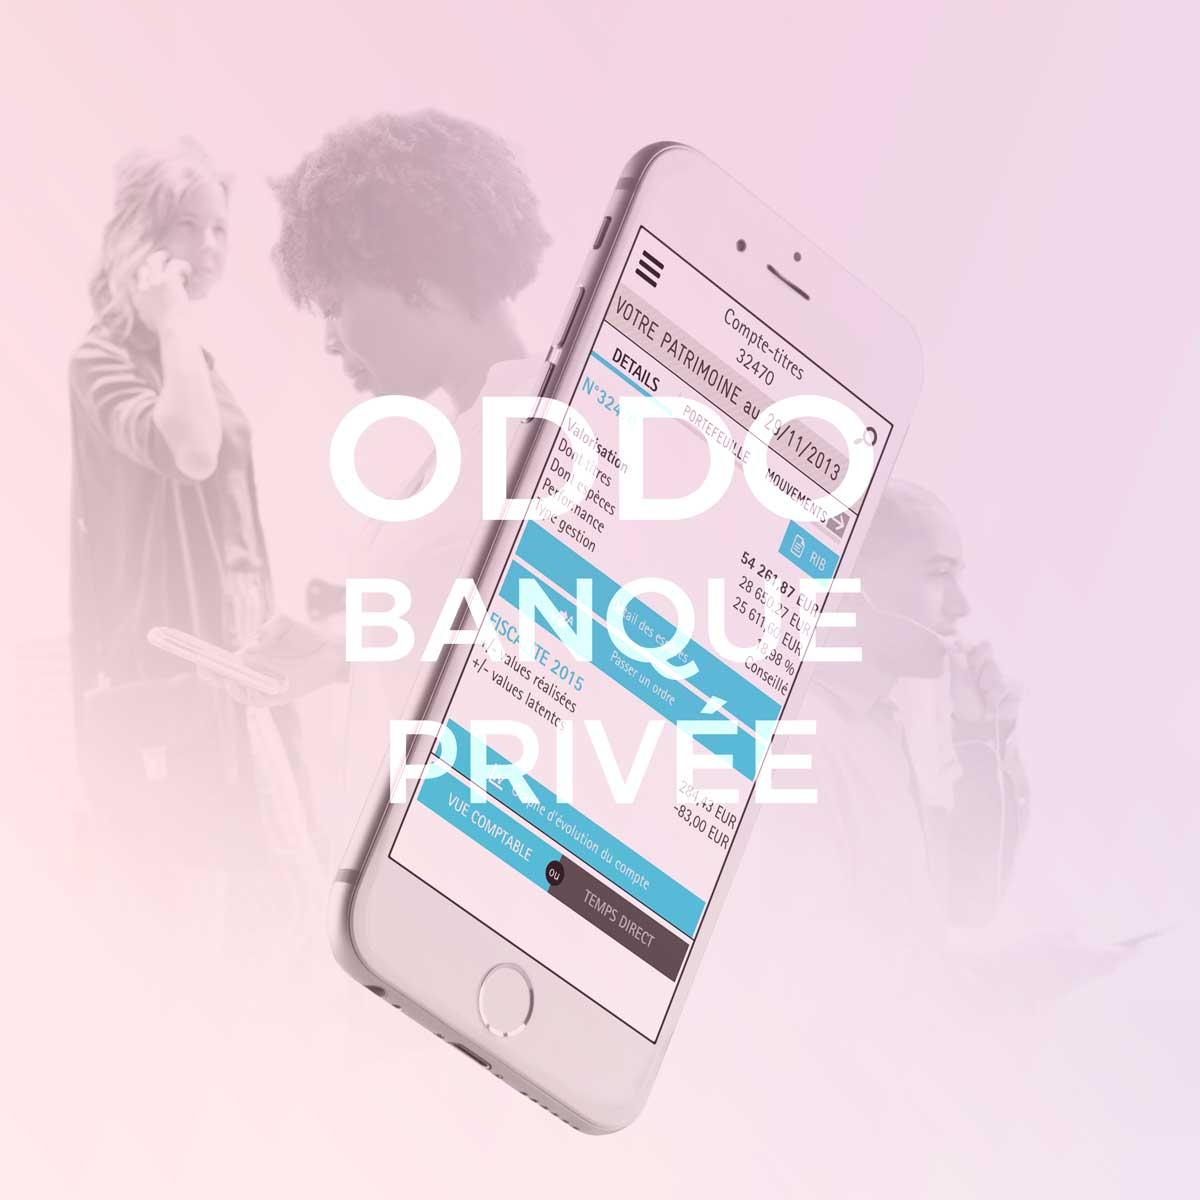 InfleXsys Oddo Banque Privée Application mobile Métier de bourse et banque en ligne Mobile banking